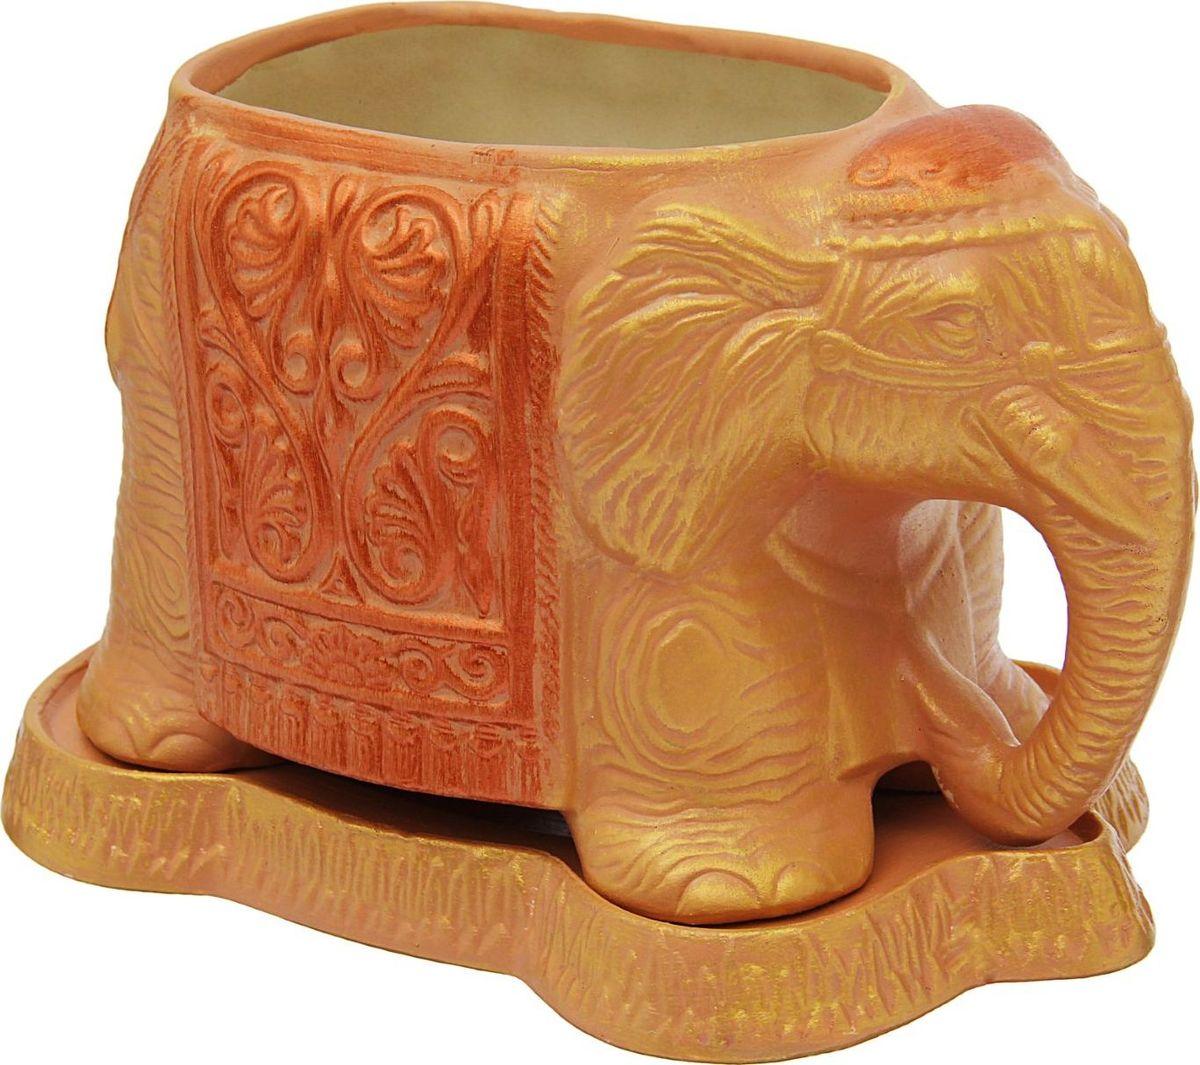 Кашпо Керамика ручной работы Слоник, цвет: золотистый, 1,8 л1475904Комнатные растения — всеобщие любимцы. Они радуют глаз, насыщают помещение кислородом и украшают пространство. Каждому из растений необходим свой удобный и красивый дом. Поселите зелёного питомца в яркое и оригинальное фигурное кашпо. Выберите подходящую форму для детской, спальни, гостиной, балкона, офиса или террасы. #name# позаботится о растении, украсит окружающее пространство и подчеркнёт его оригинальный стиль.